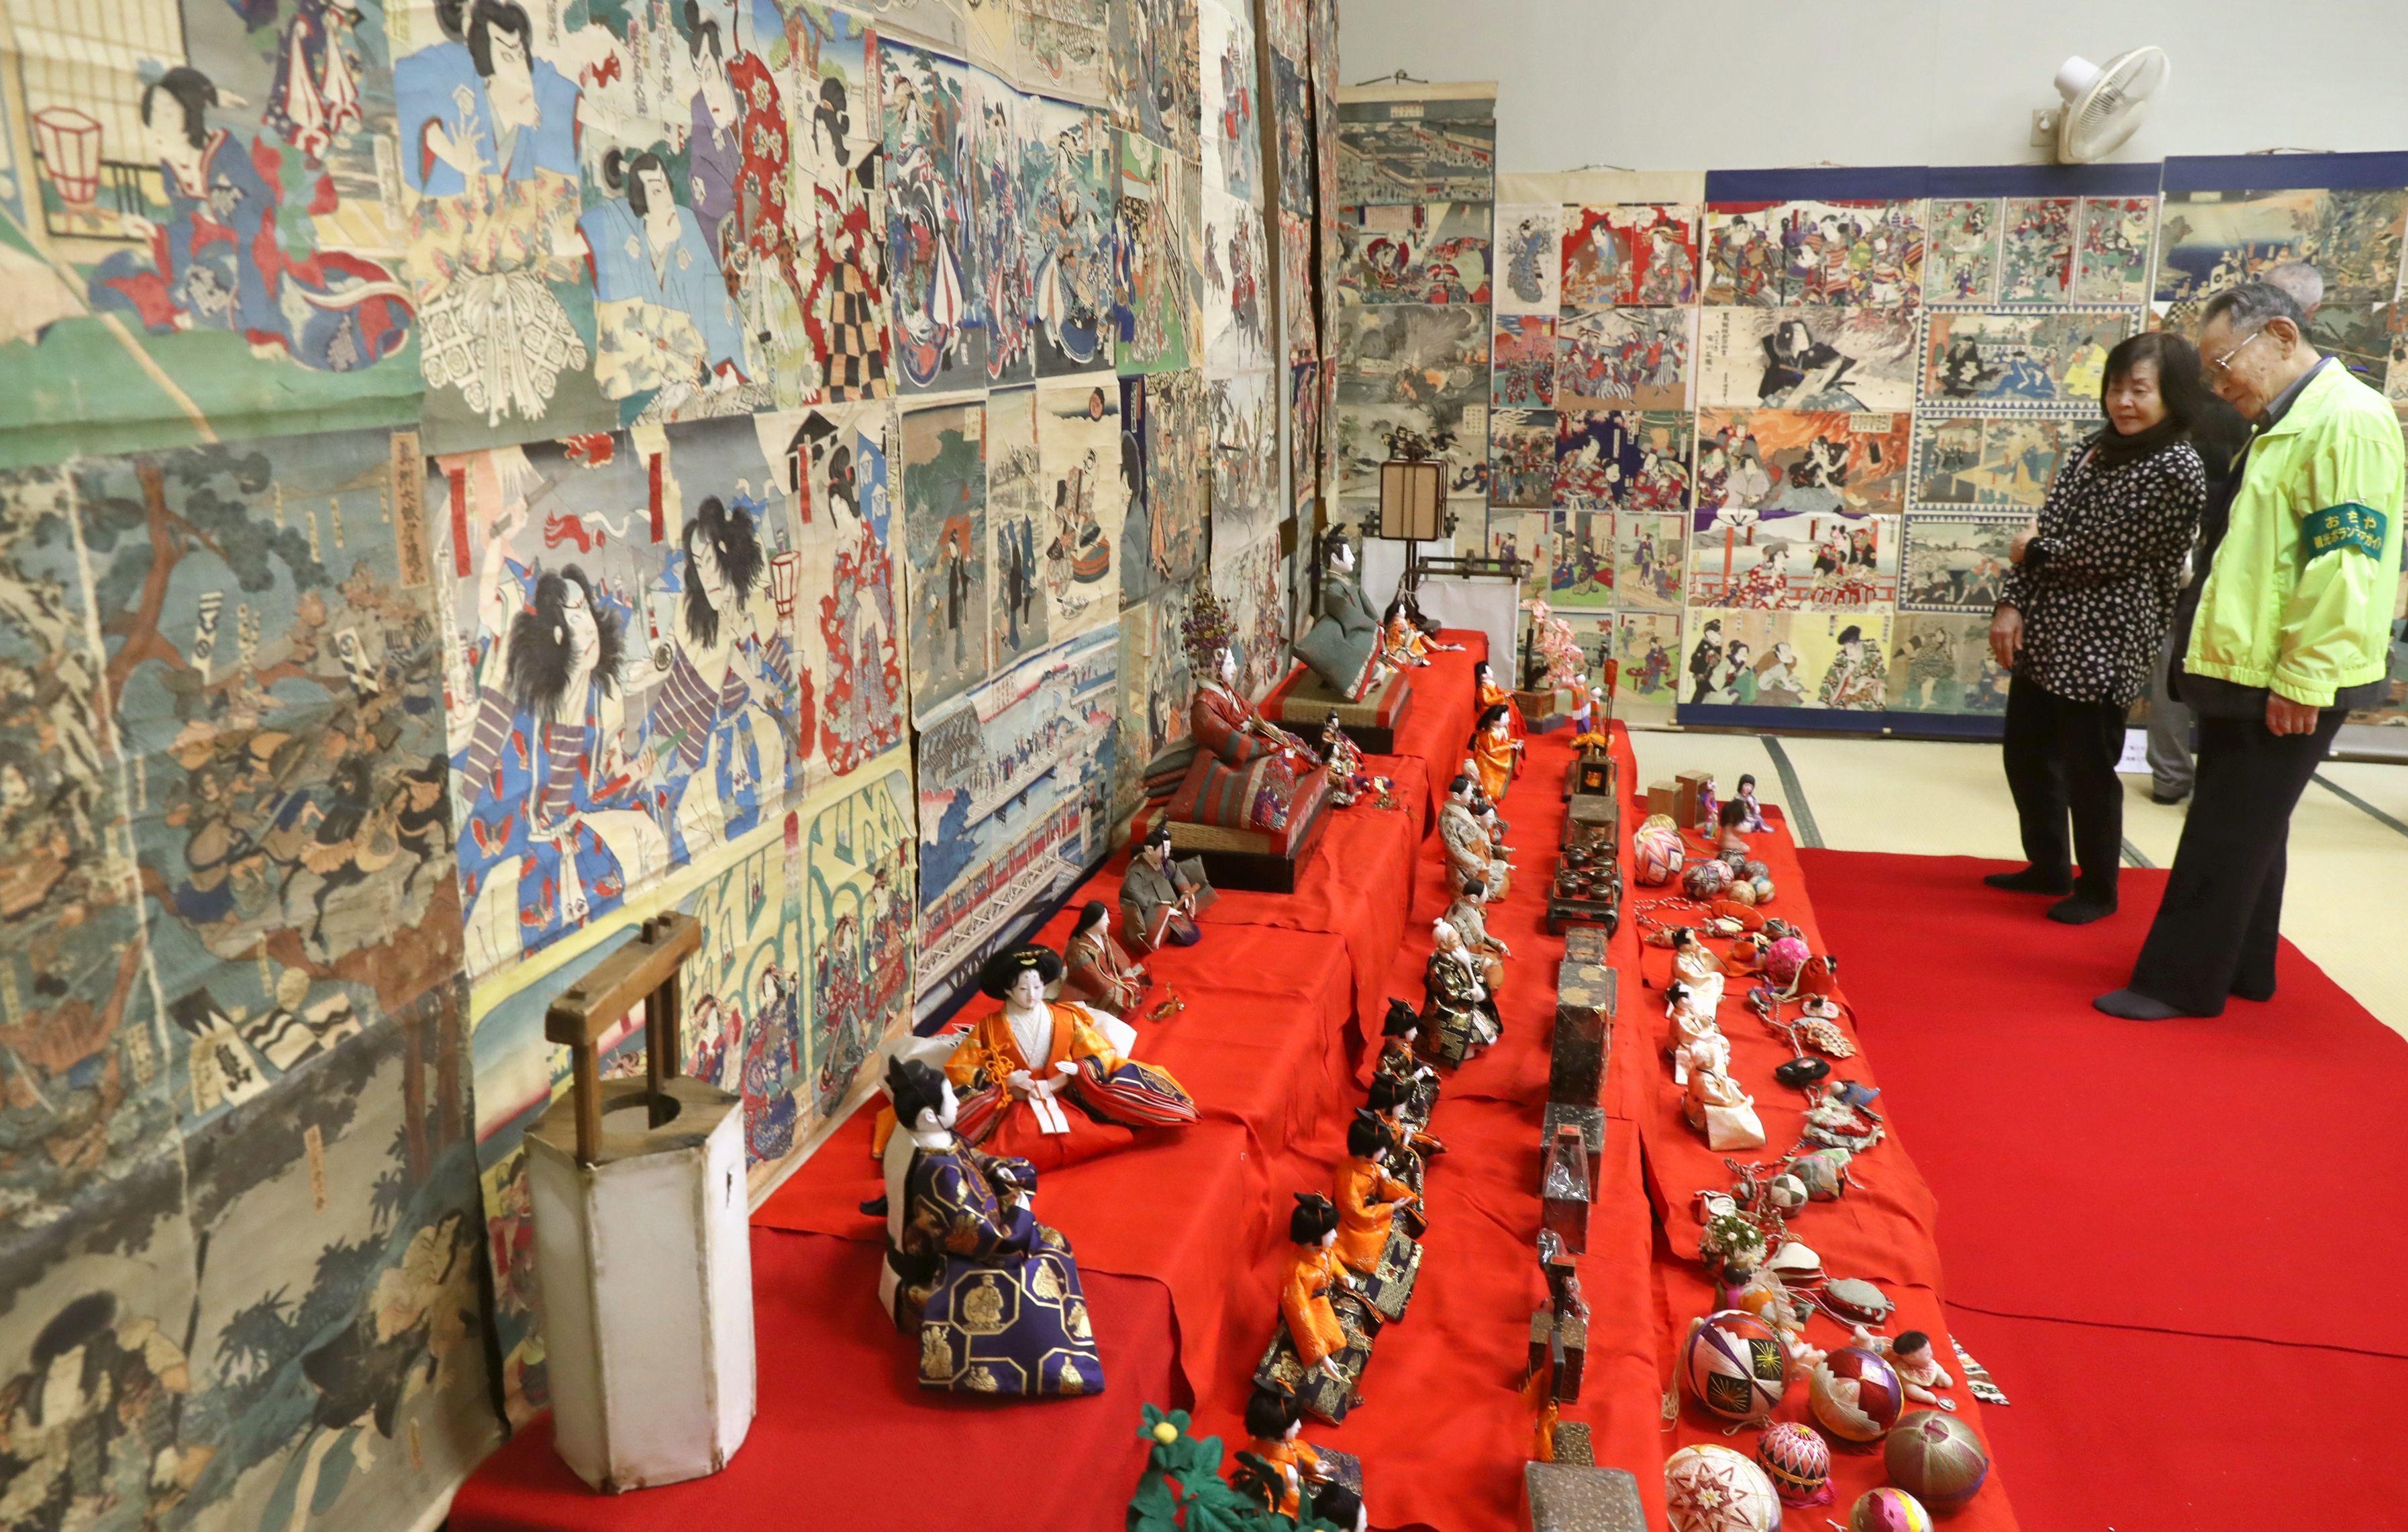 ひな人形の周りに浮世絵を飾った「絵紙で彩る小千谷のひいな祭り」=25日、小千谷市平成2の照専寺